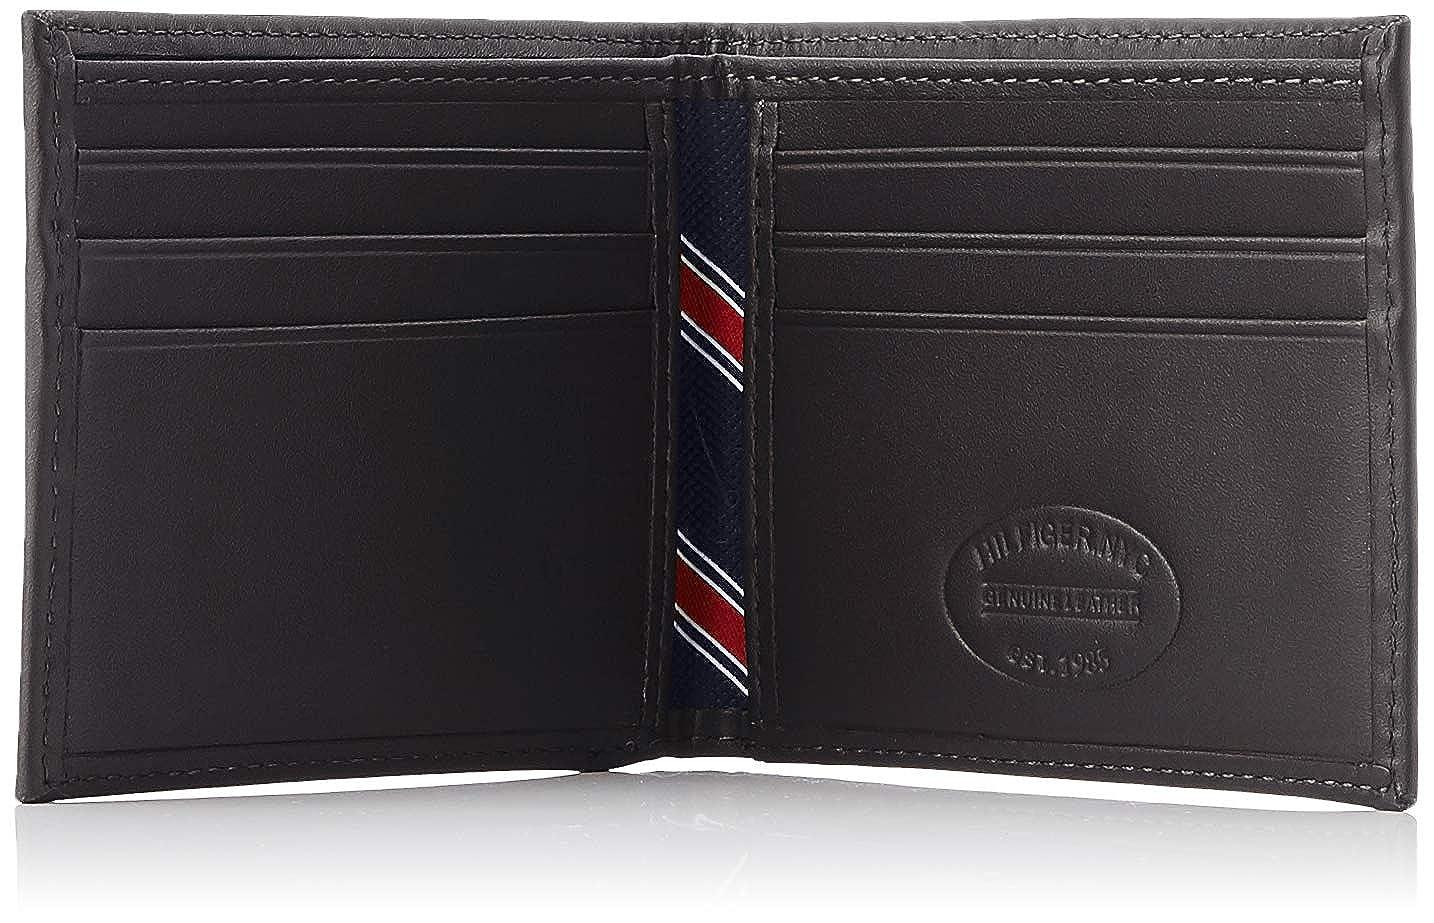 Tommy Hilfiger Leather Billfold Mens Wallet Black